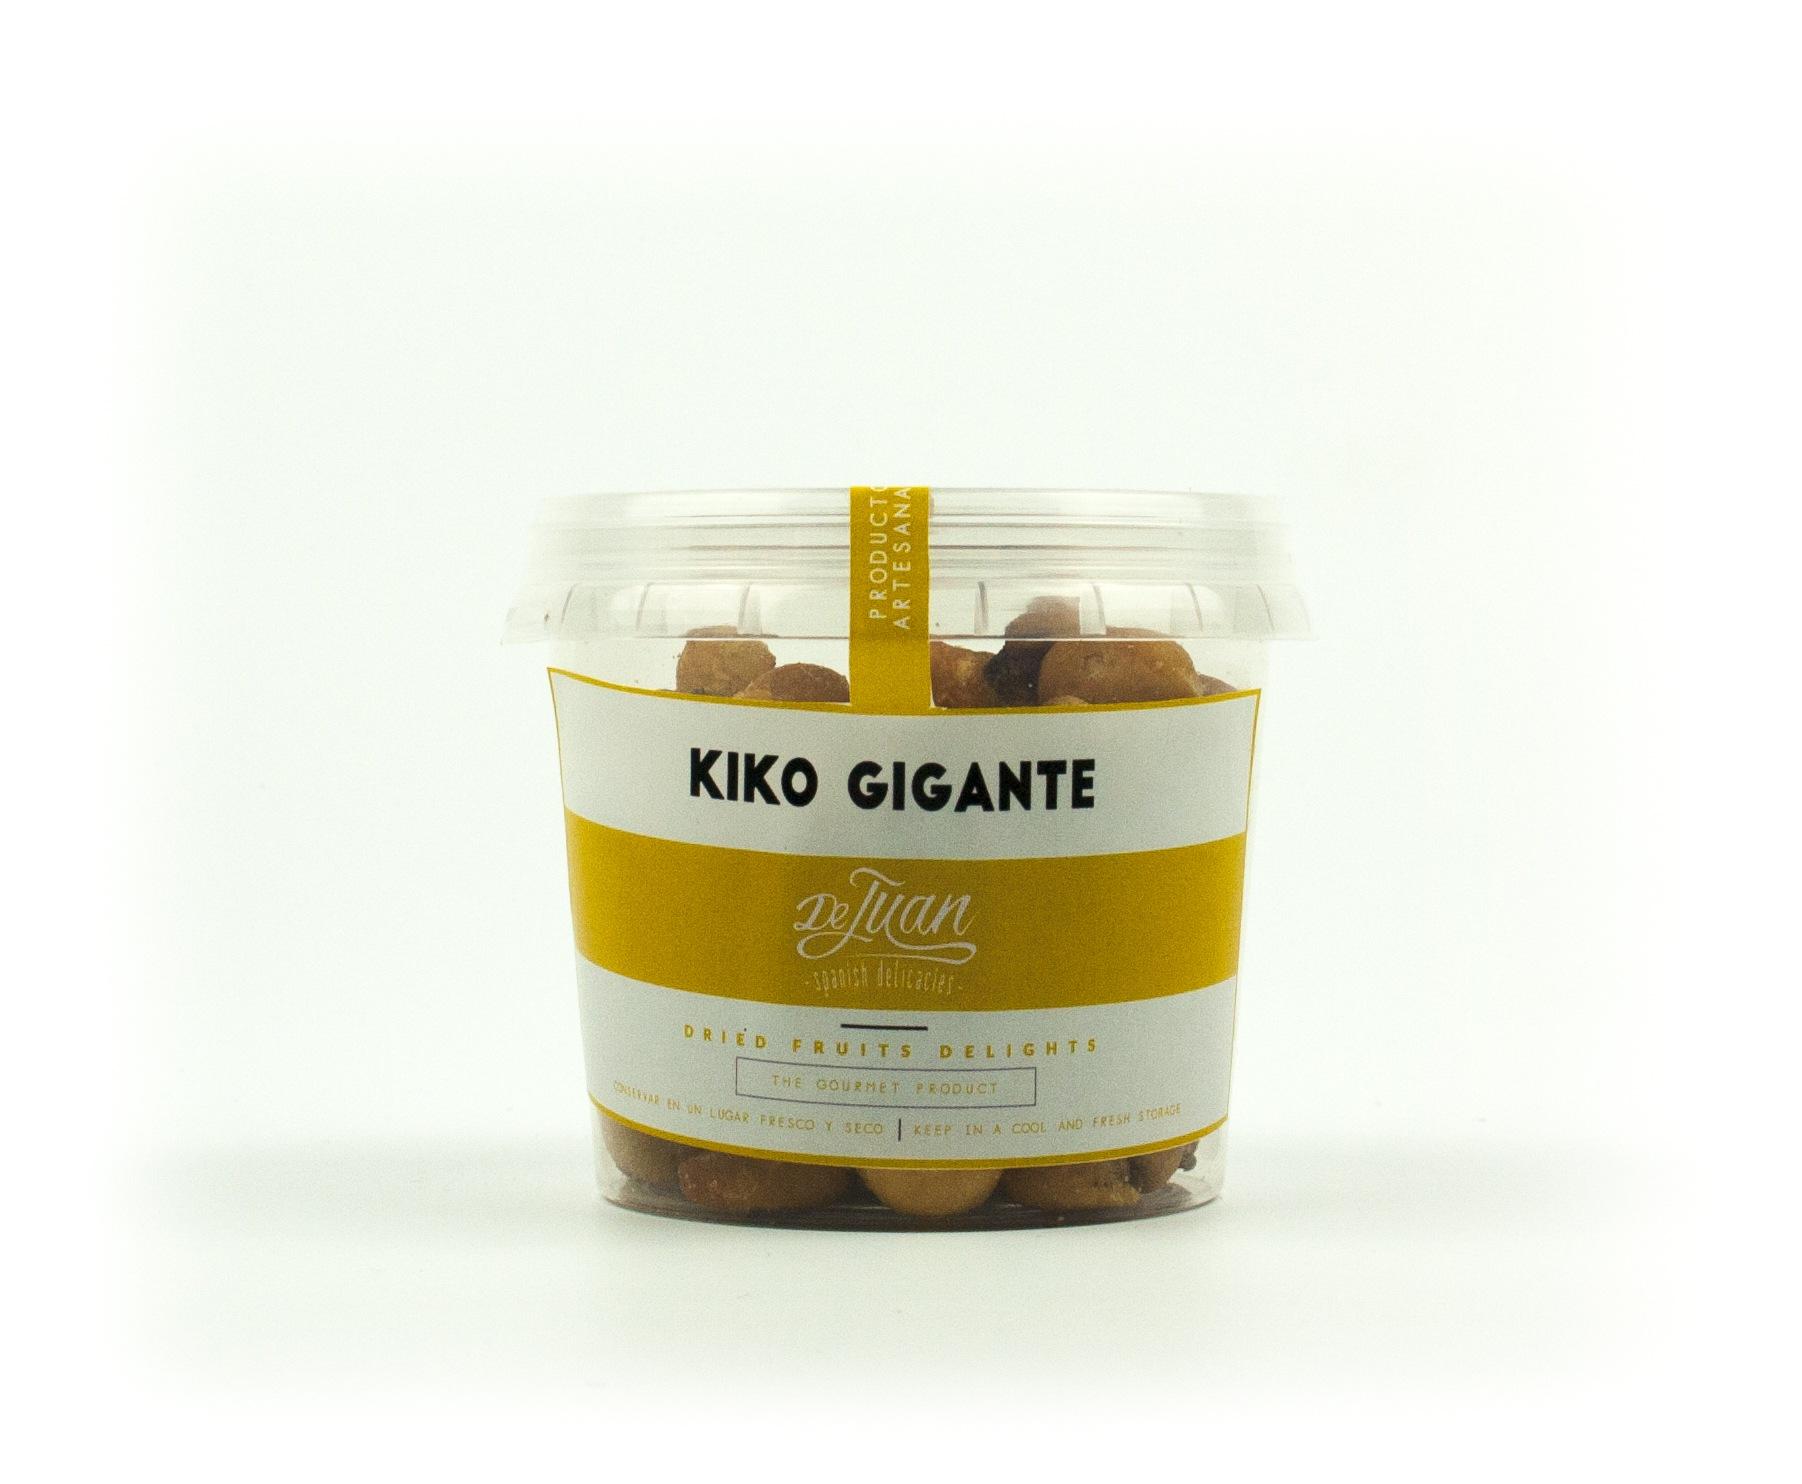 Kiko Gigante